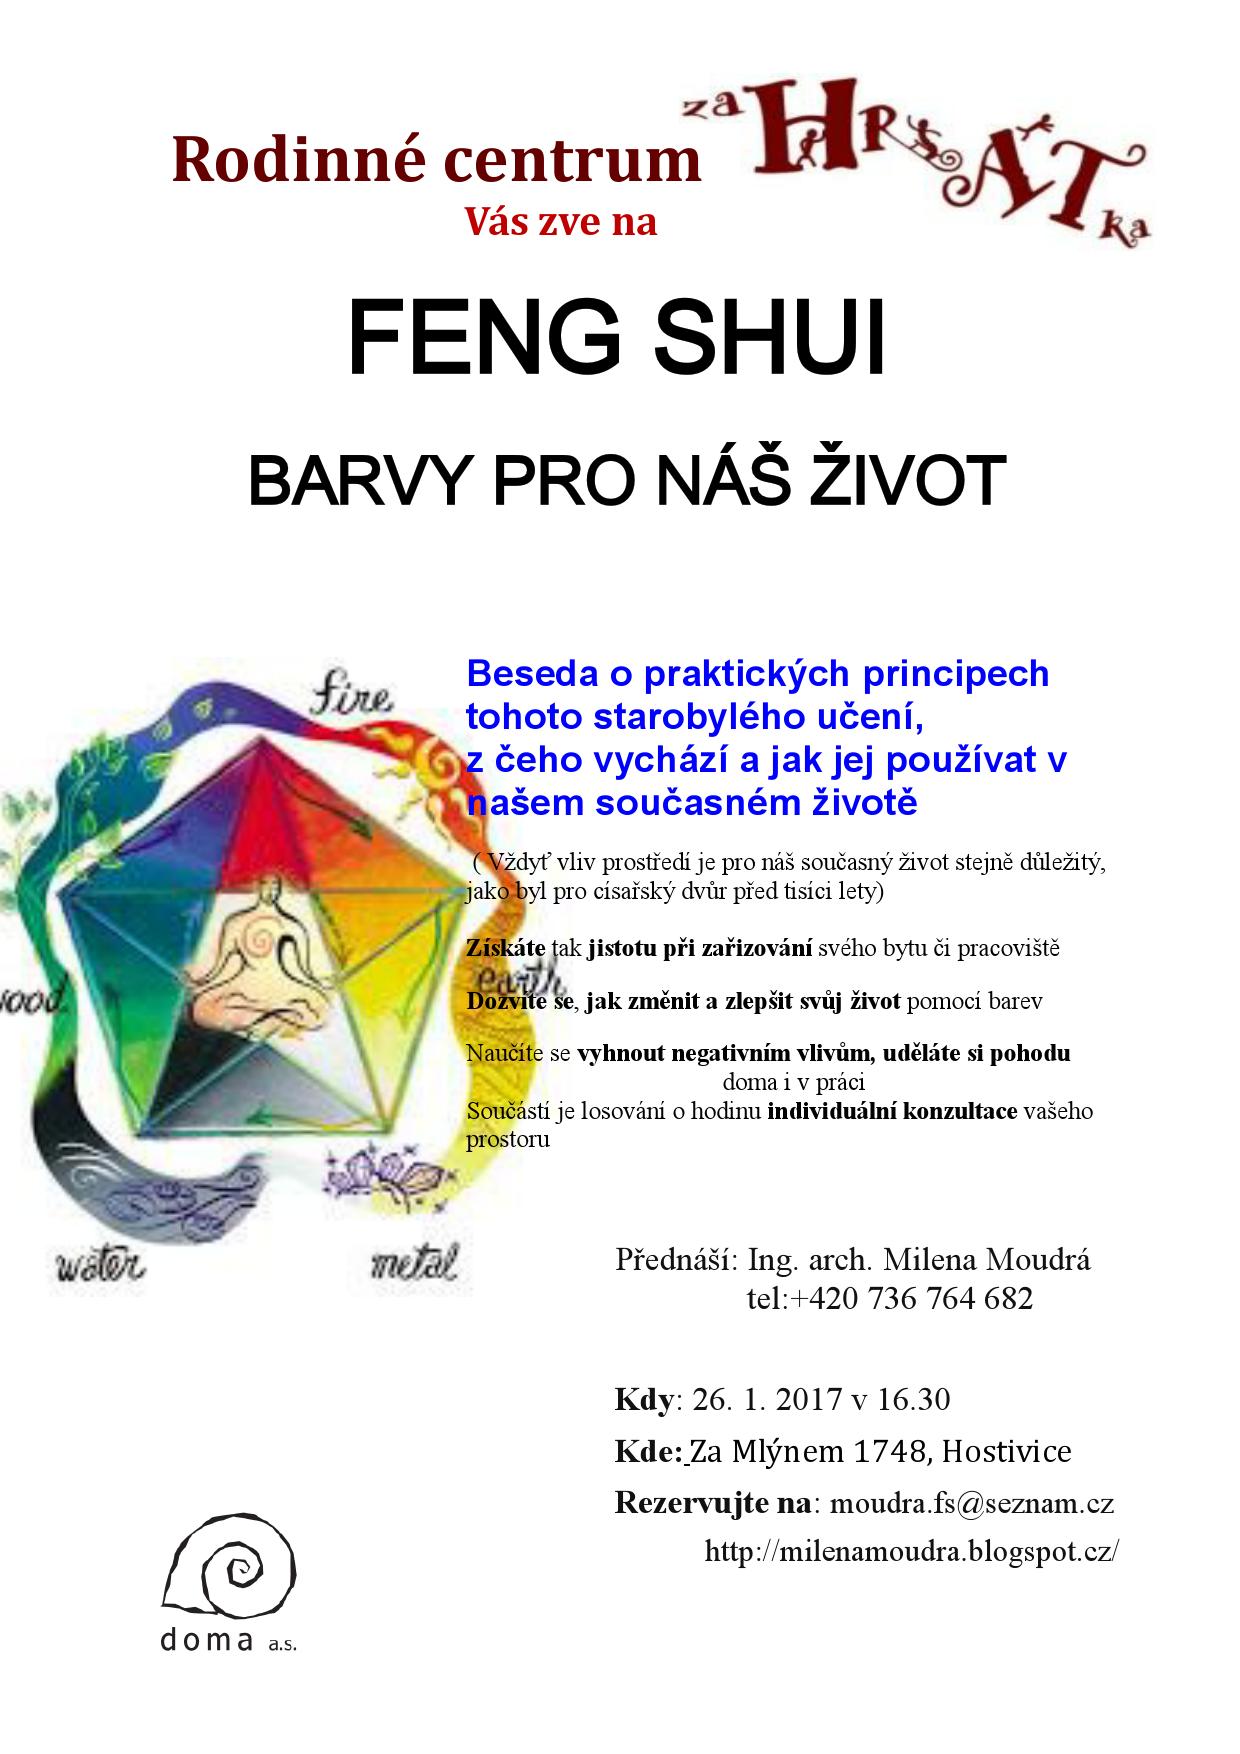 Feng shui 1.pdf-000001